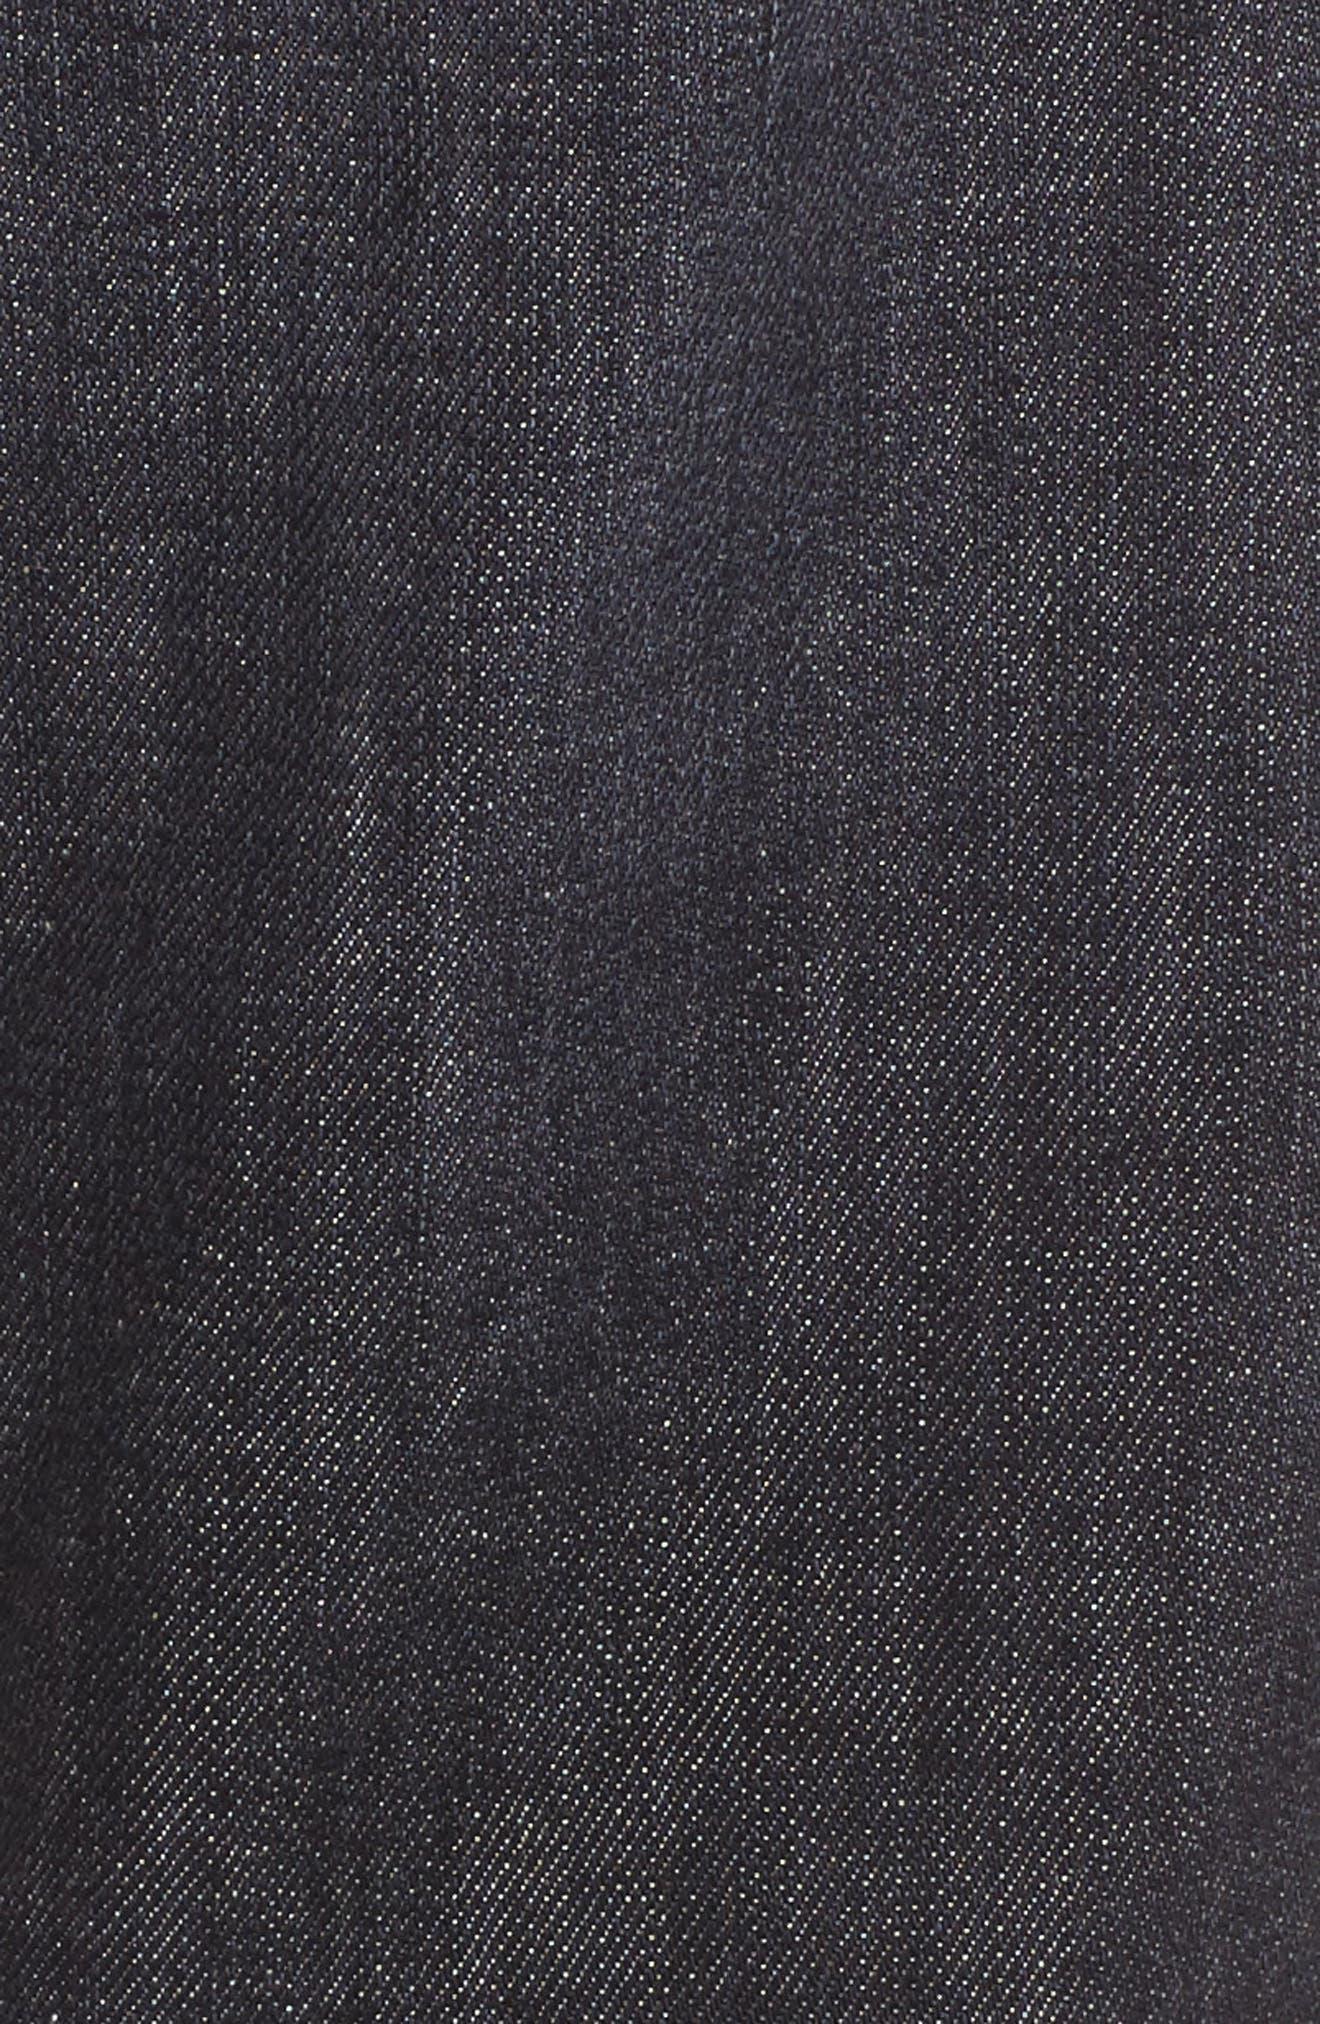 Alternate Image 5  - Hudson Jeans Blinder Biker Moto Skinny Fit Jeans (Damage)